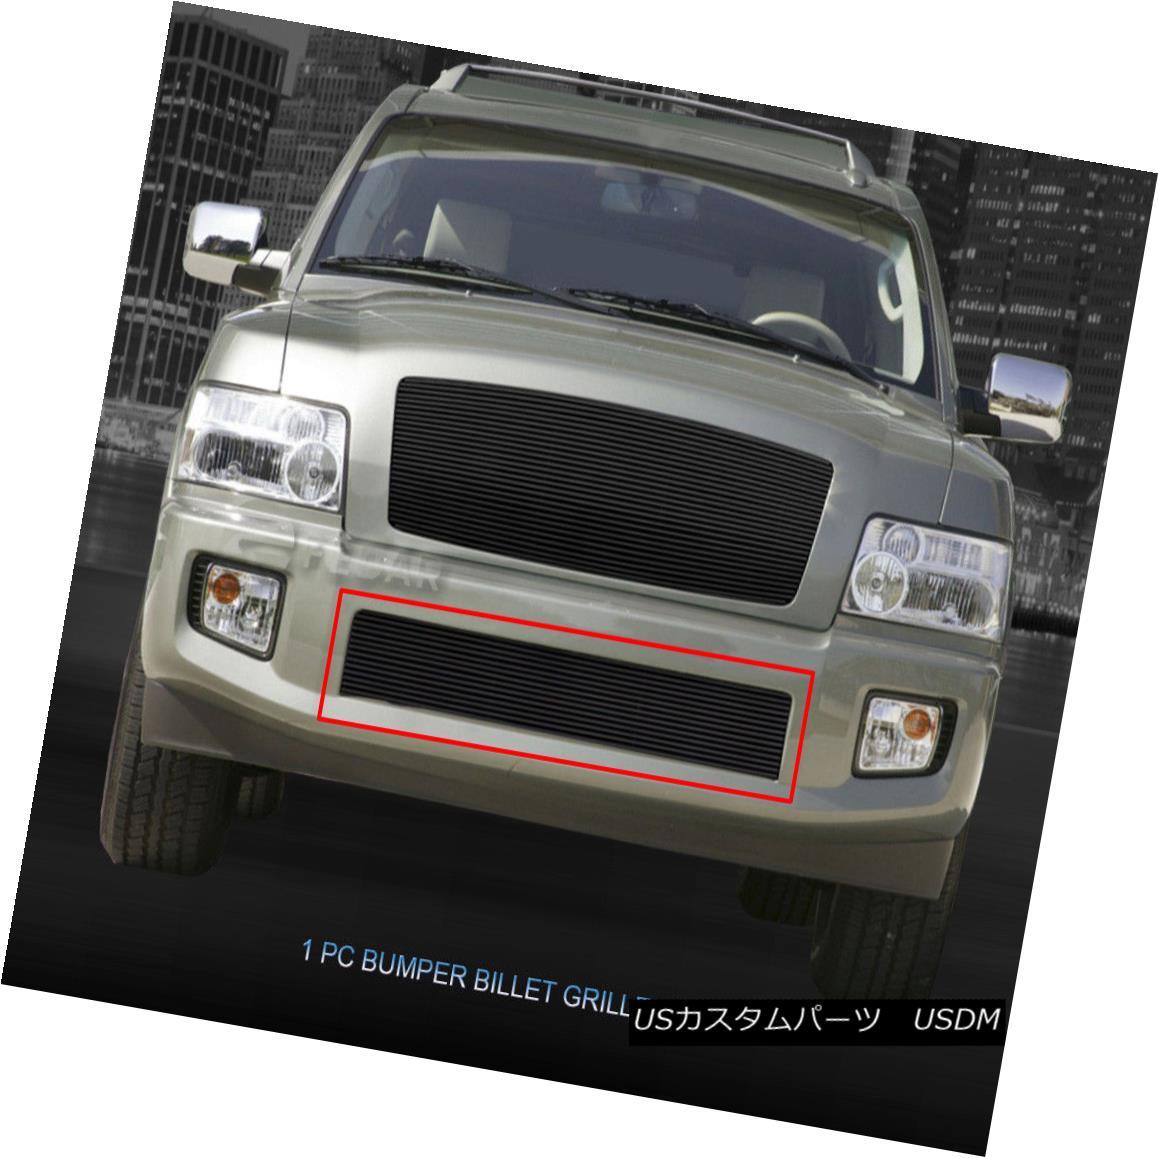 グリル Fits 04-10 Infiniti QX56 Black Billet Grille Grill Bumper Insert Fedar フィット04-10インフィニティQX56ブラックビレットグリルグリルバンパーインサートFedar